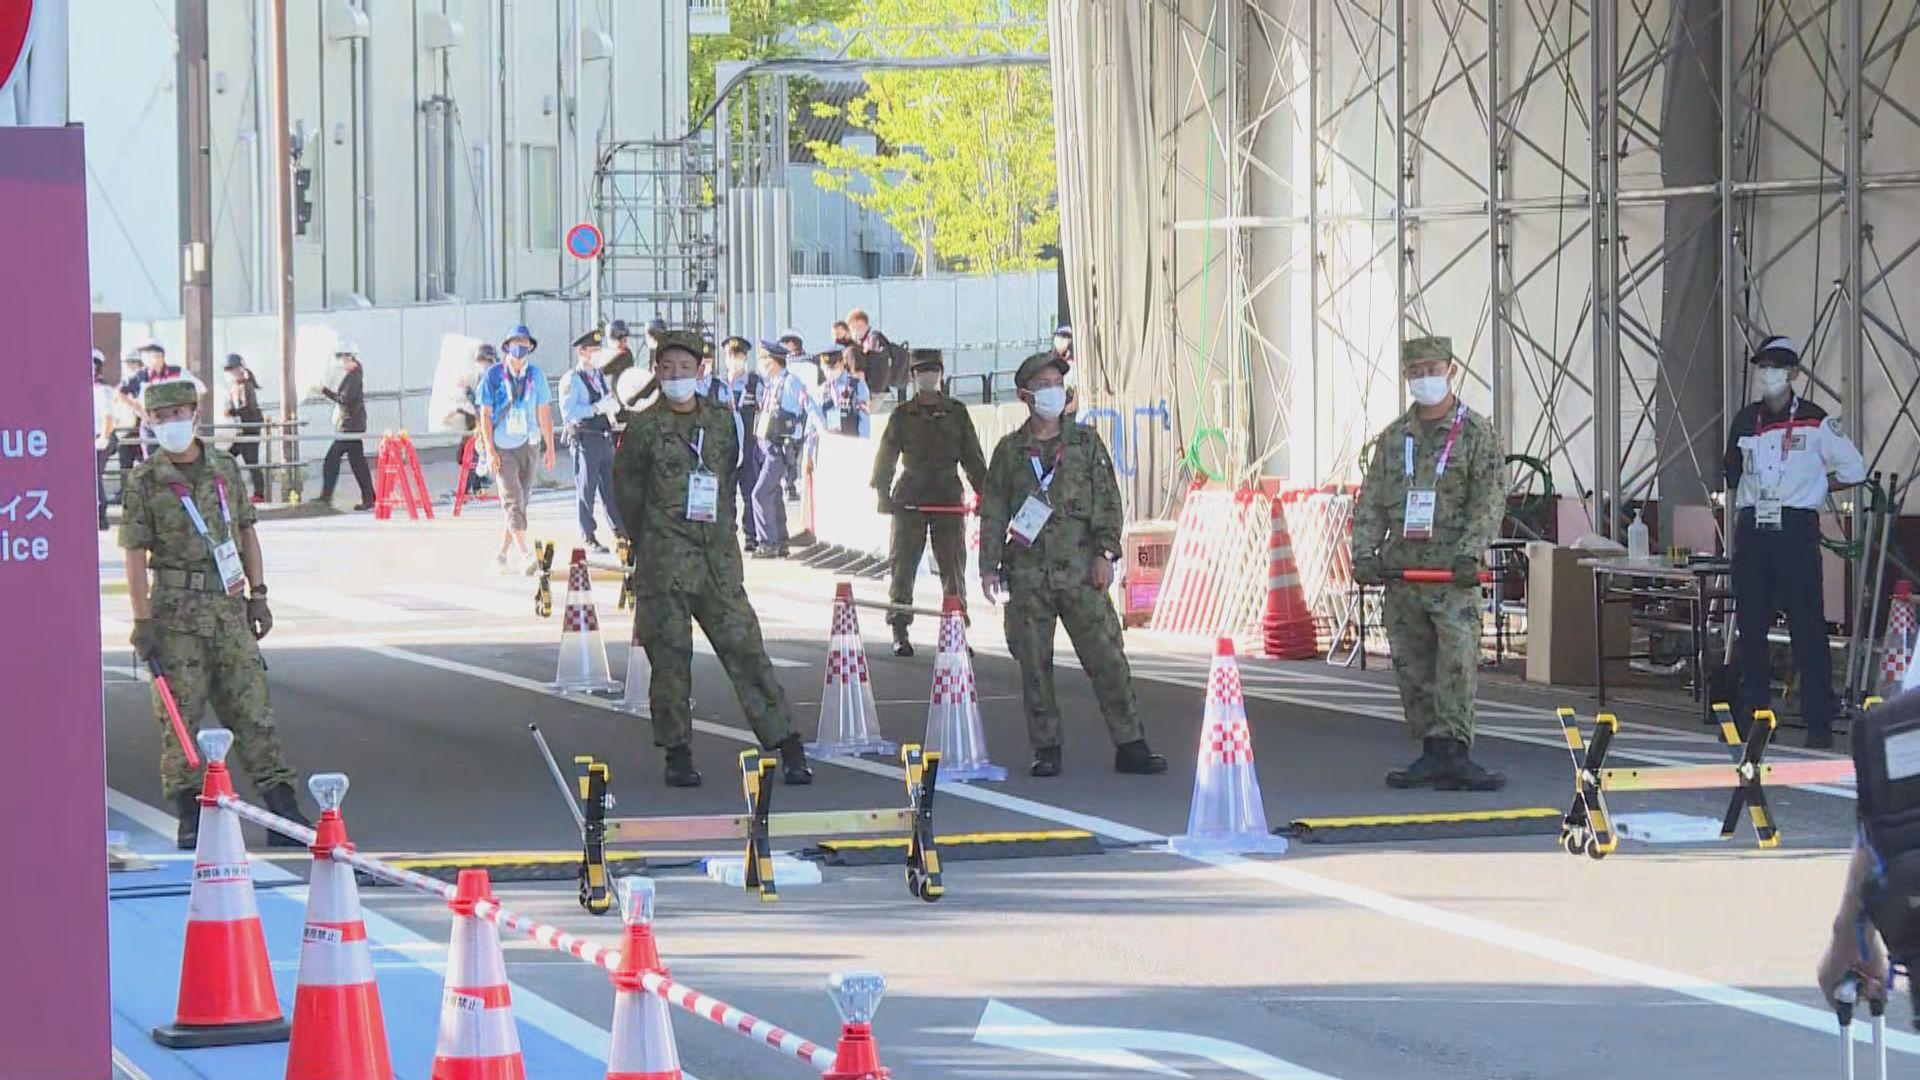 東京奧運開幕場地一帶保安增強